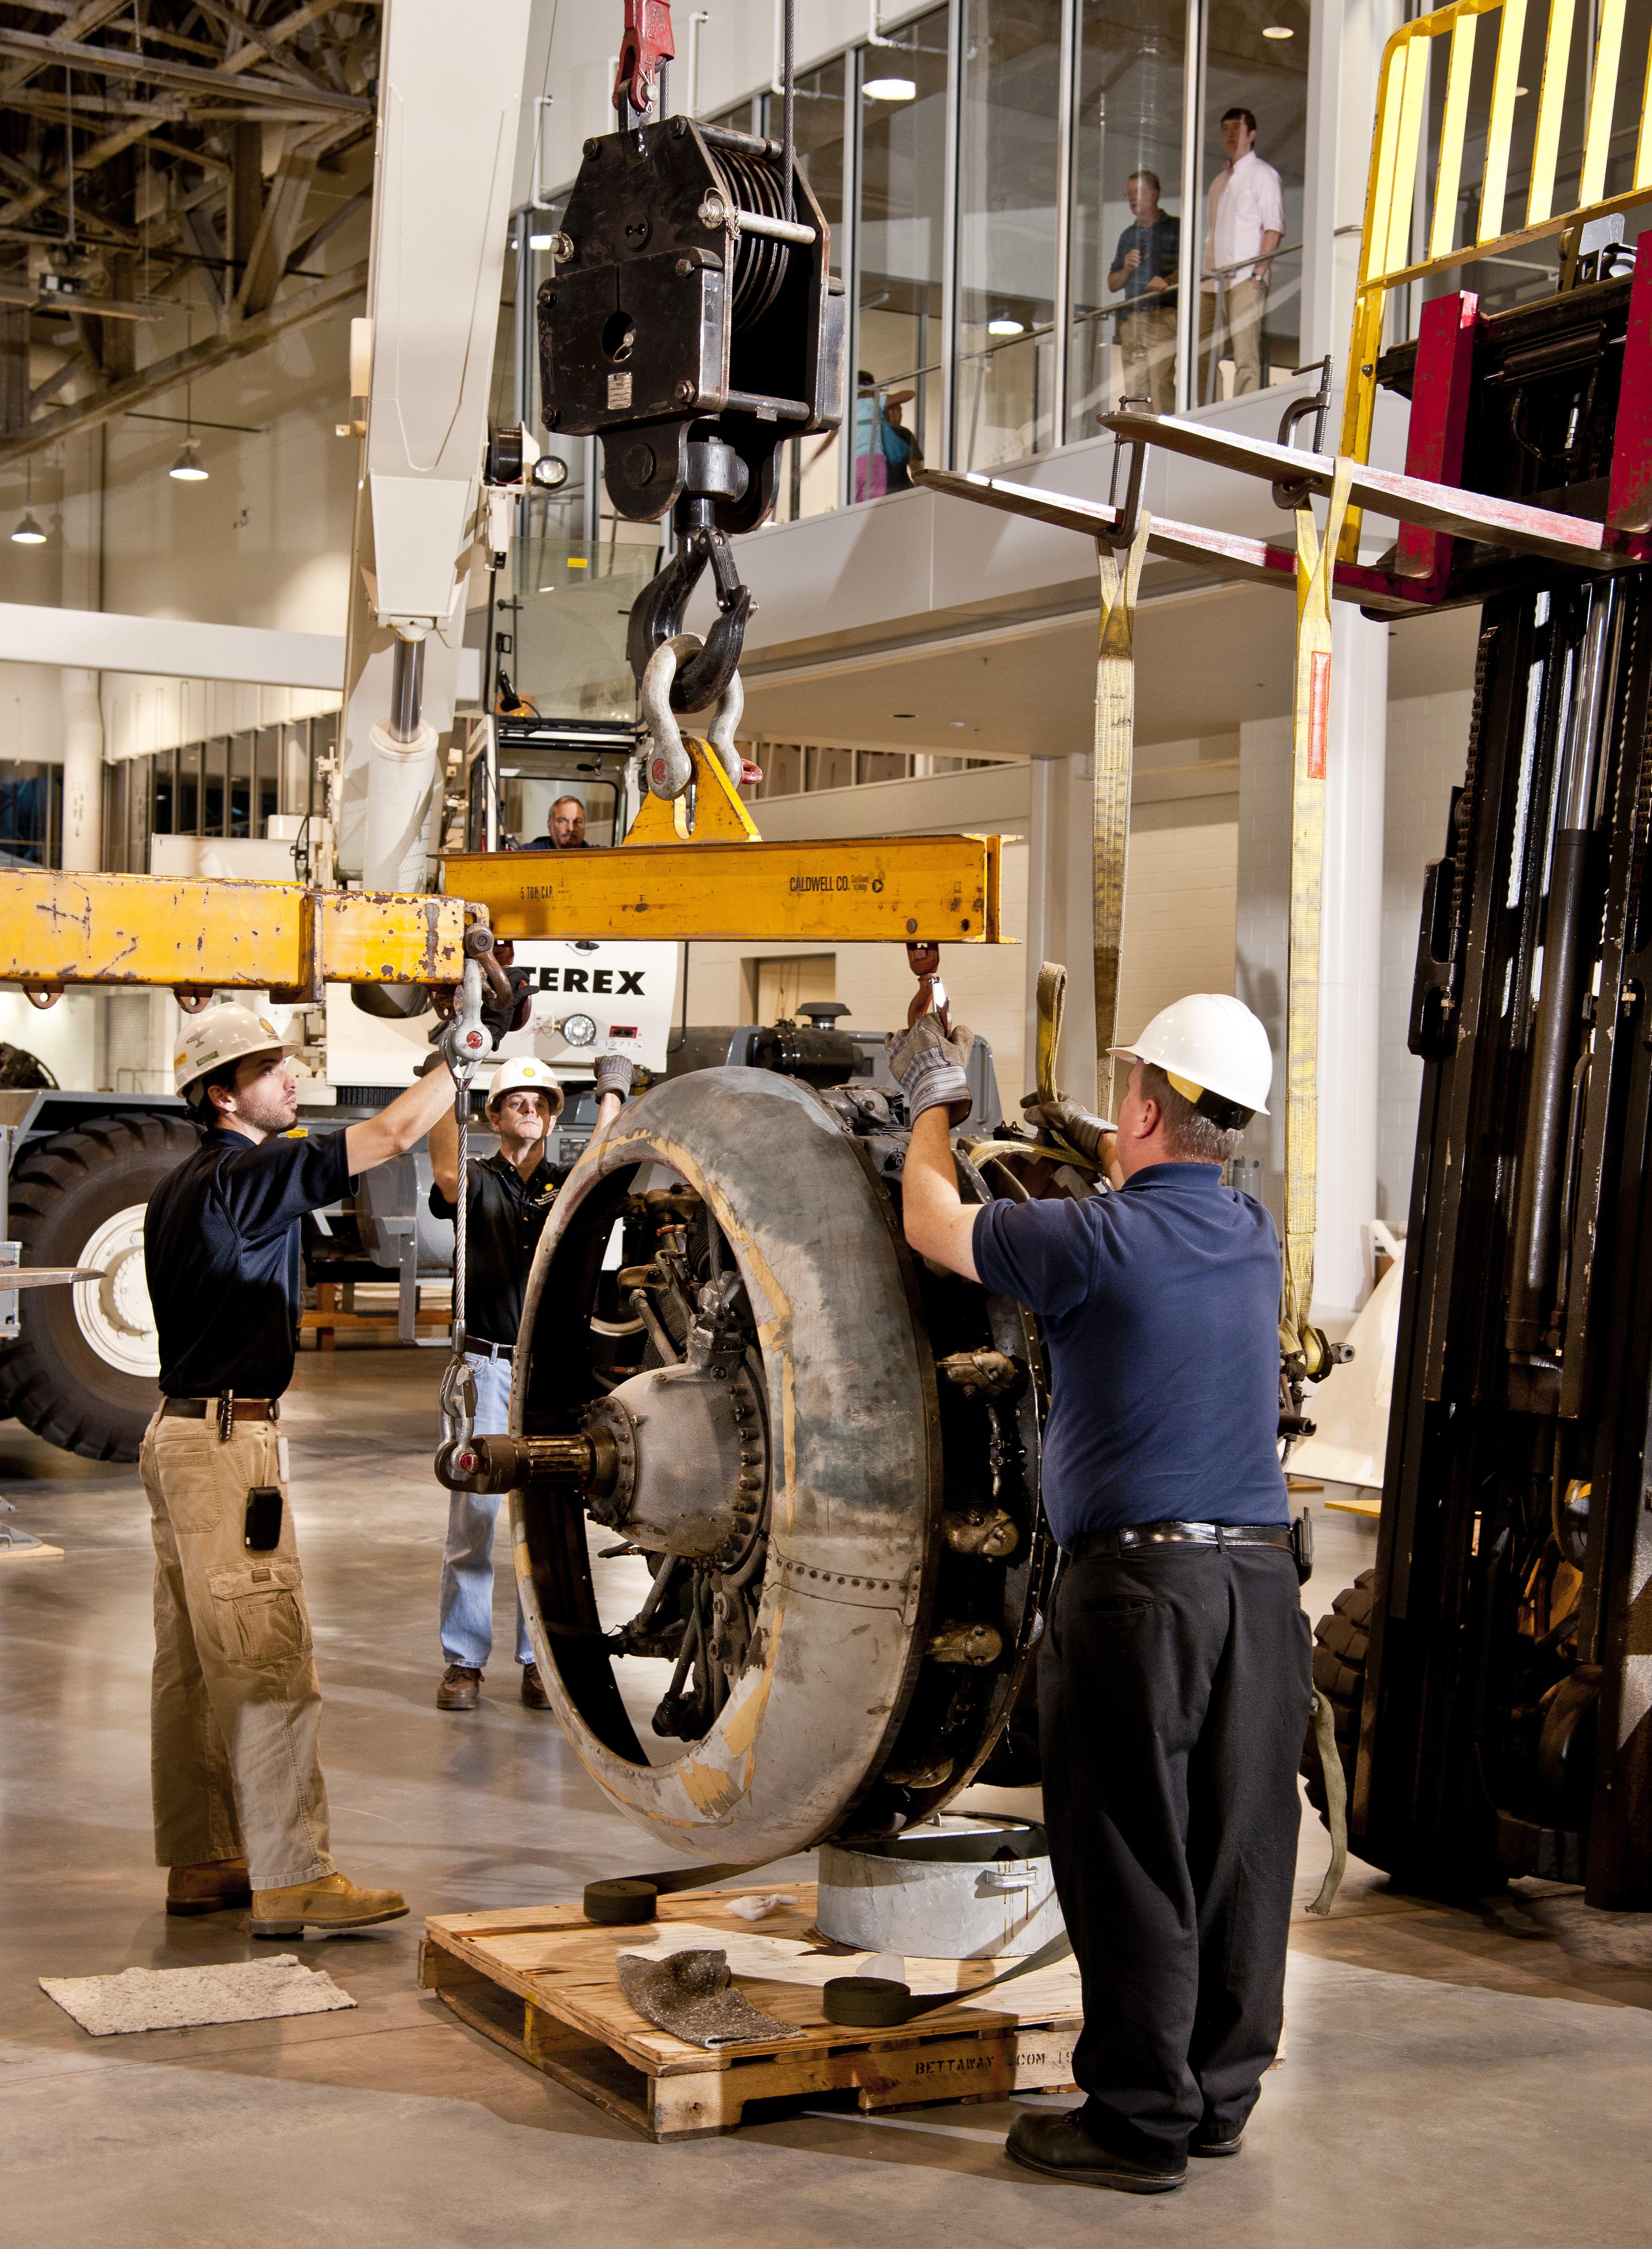 Sikorsky JRS-1 Assembly in Restoration Hangar